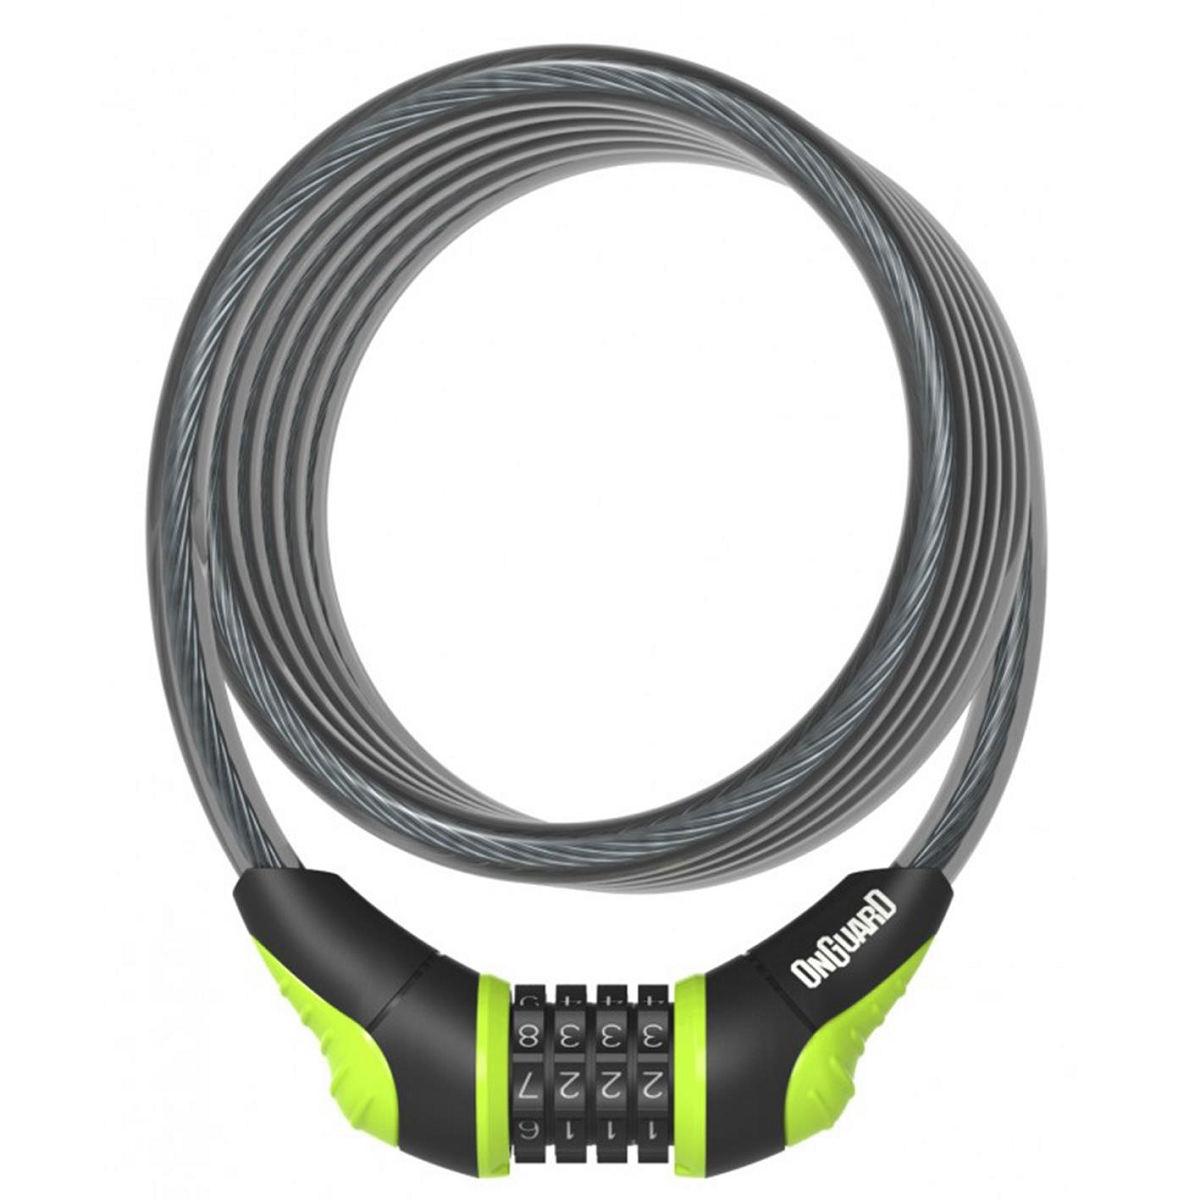 Cadeado Onguard Neon 8169 C/Segredo Verde